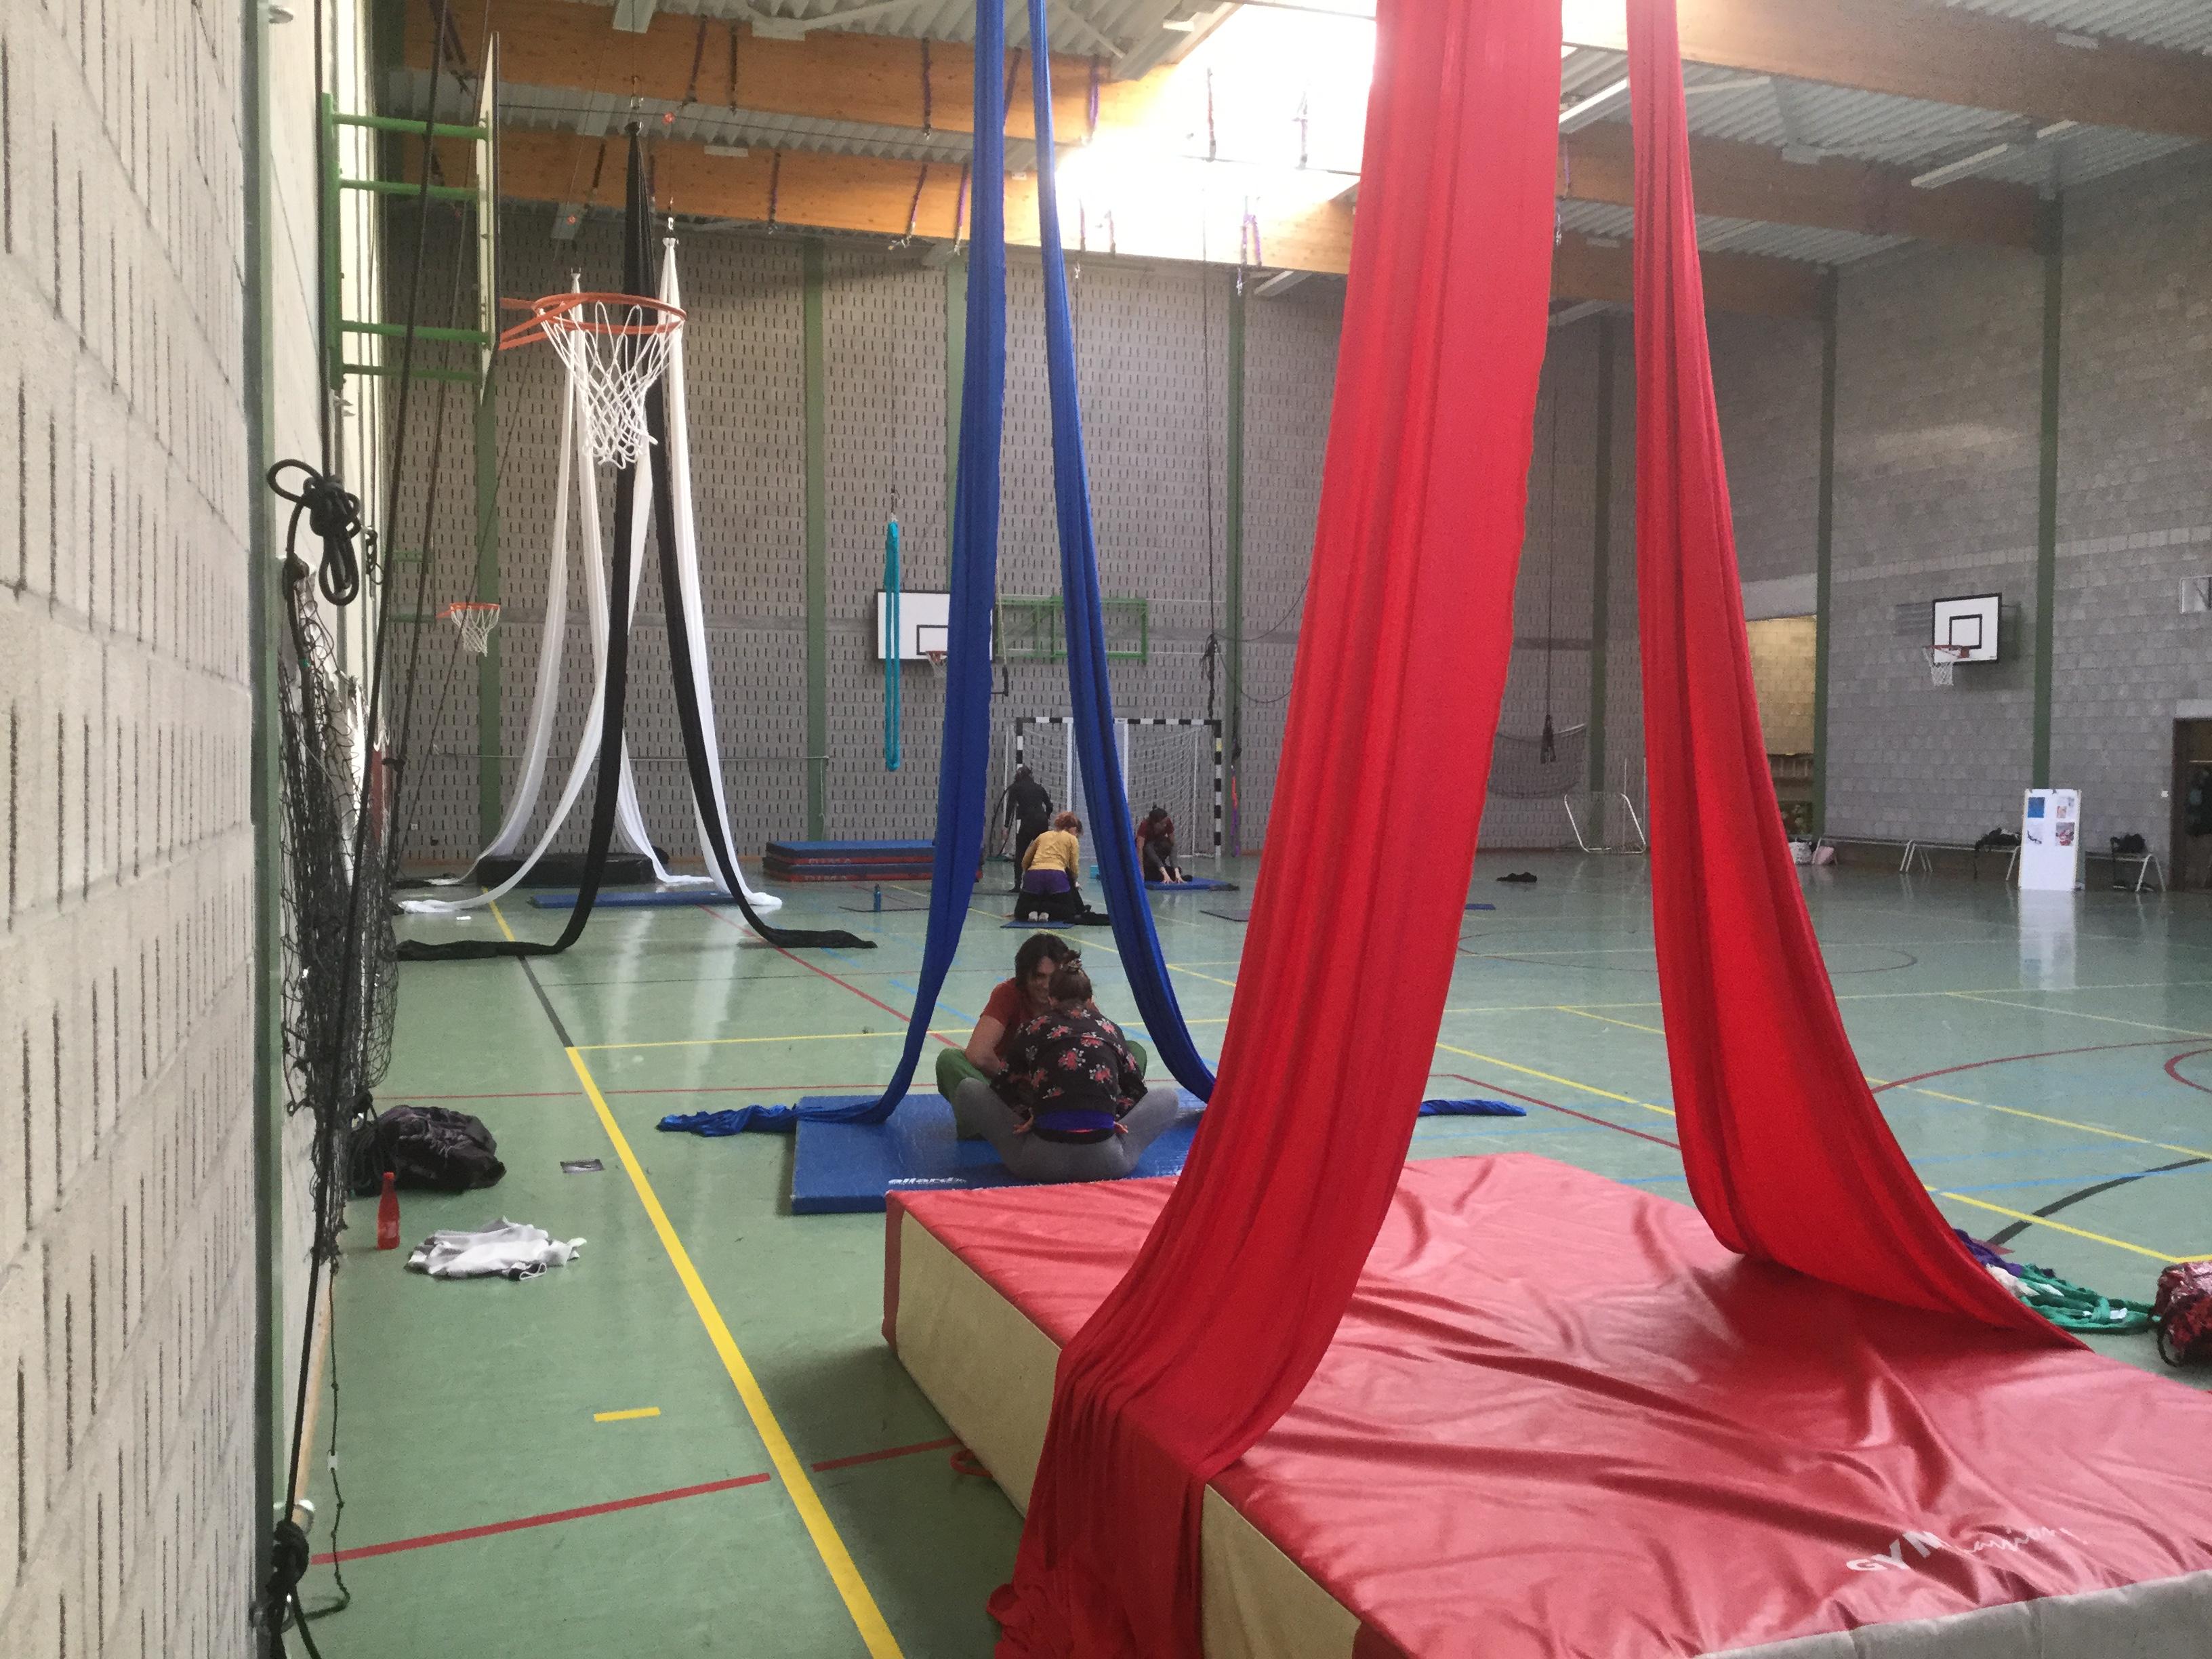 Espaces et atelier cirque: rencontres, échanges & créations